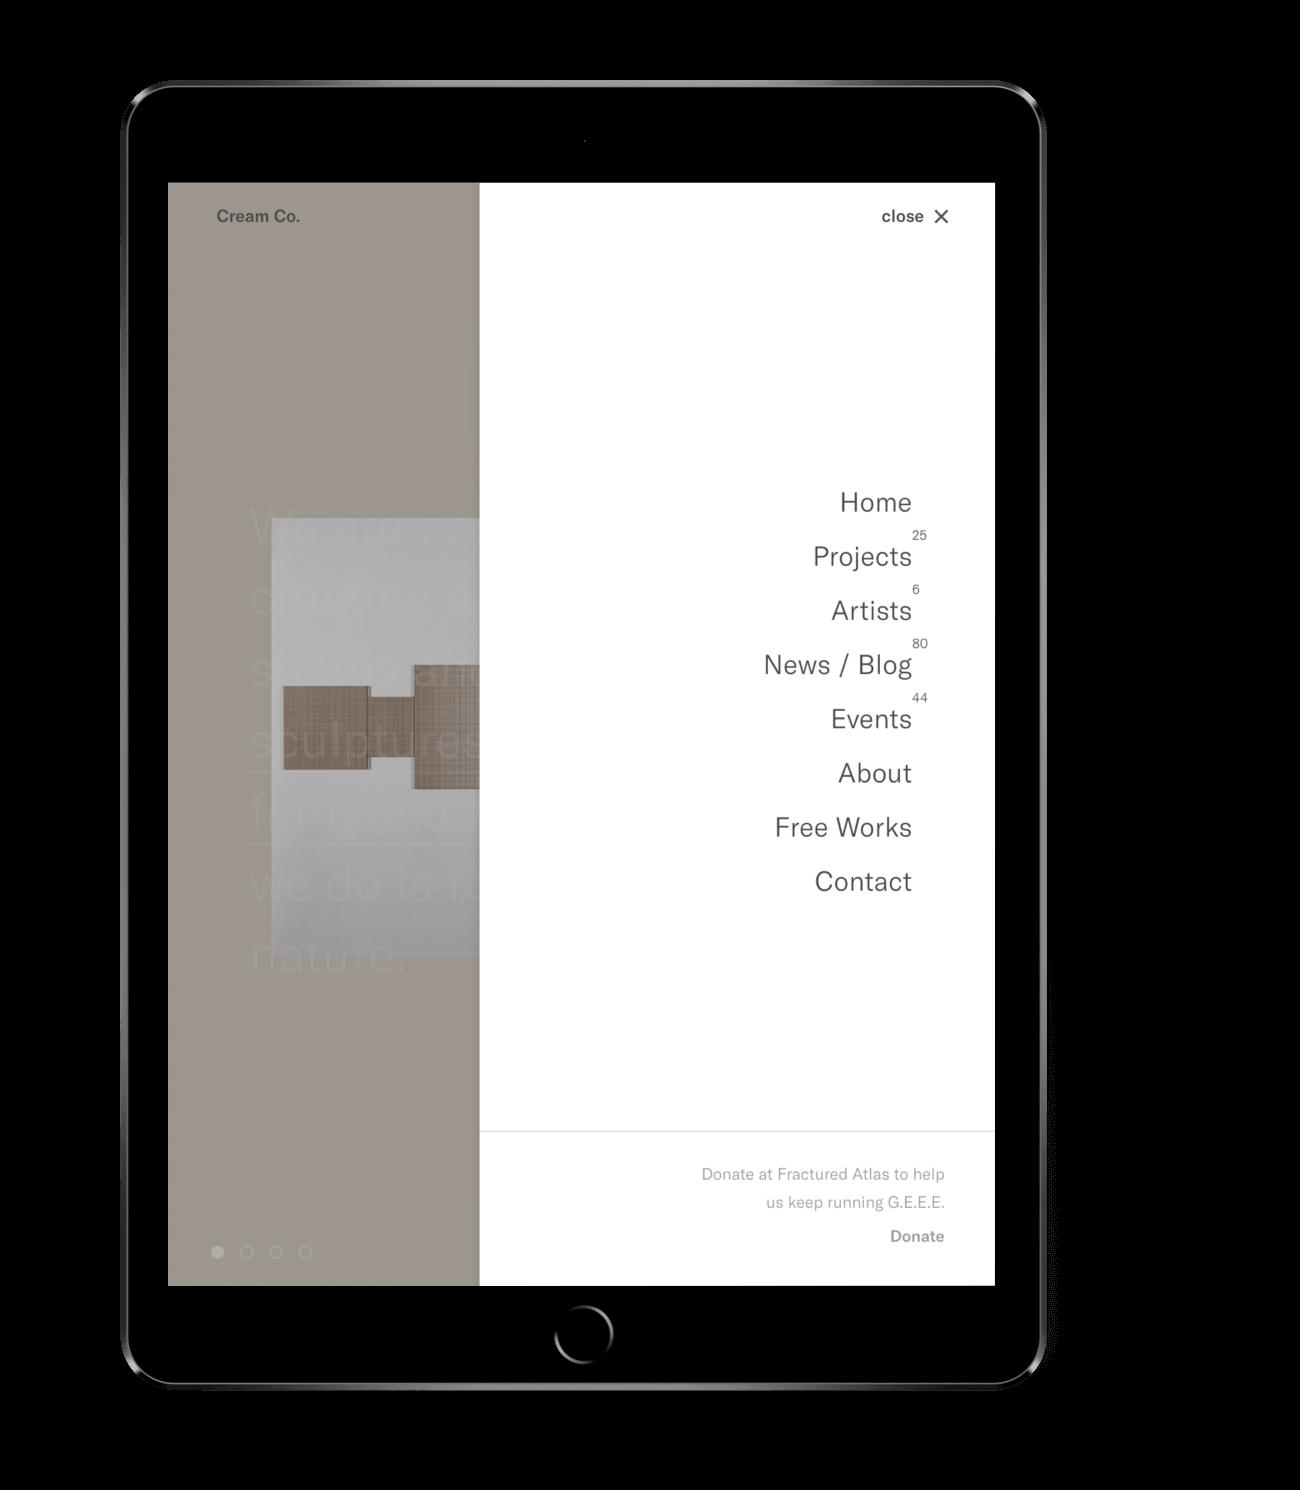 Cream Co. menu ontwerp afgebeeld op een tablet